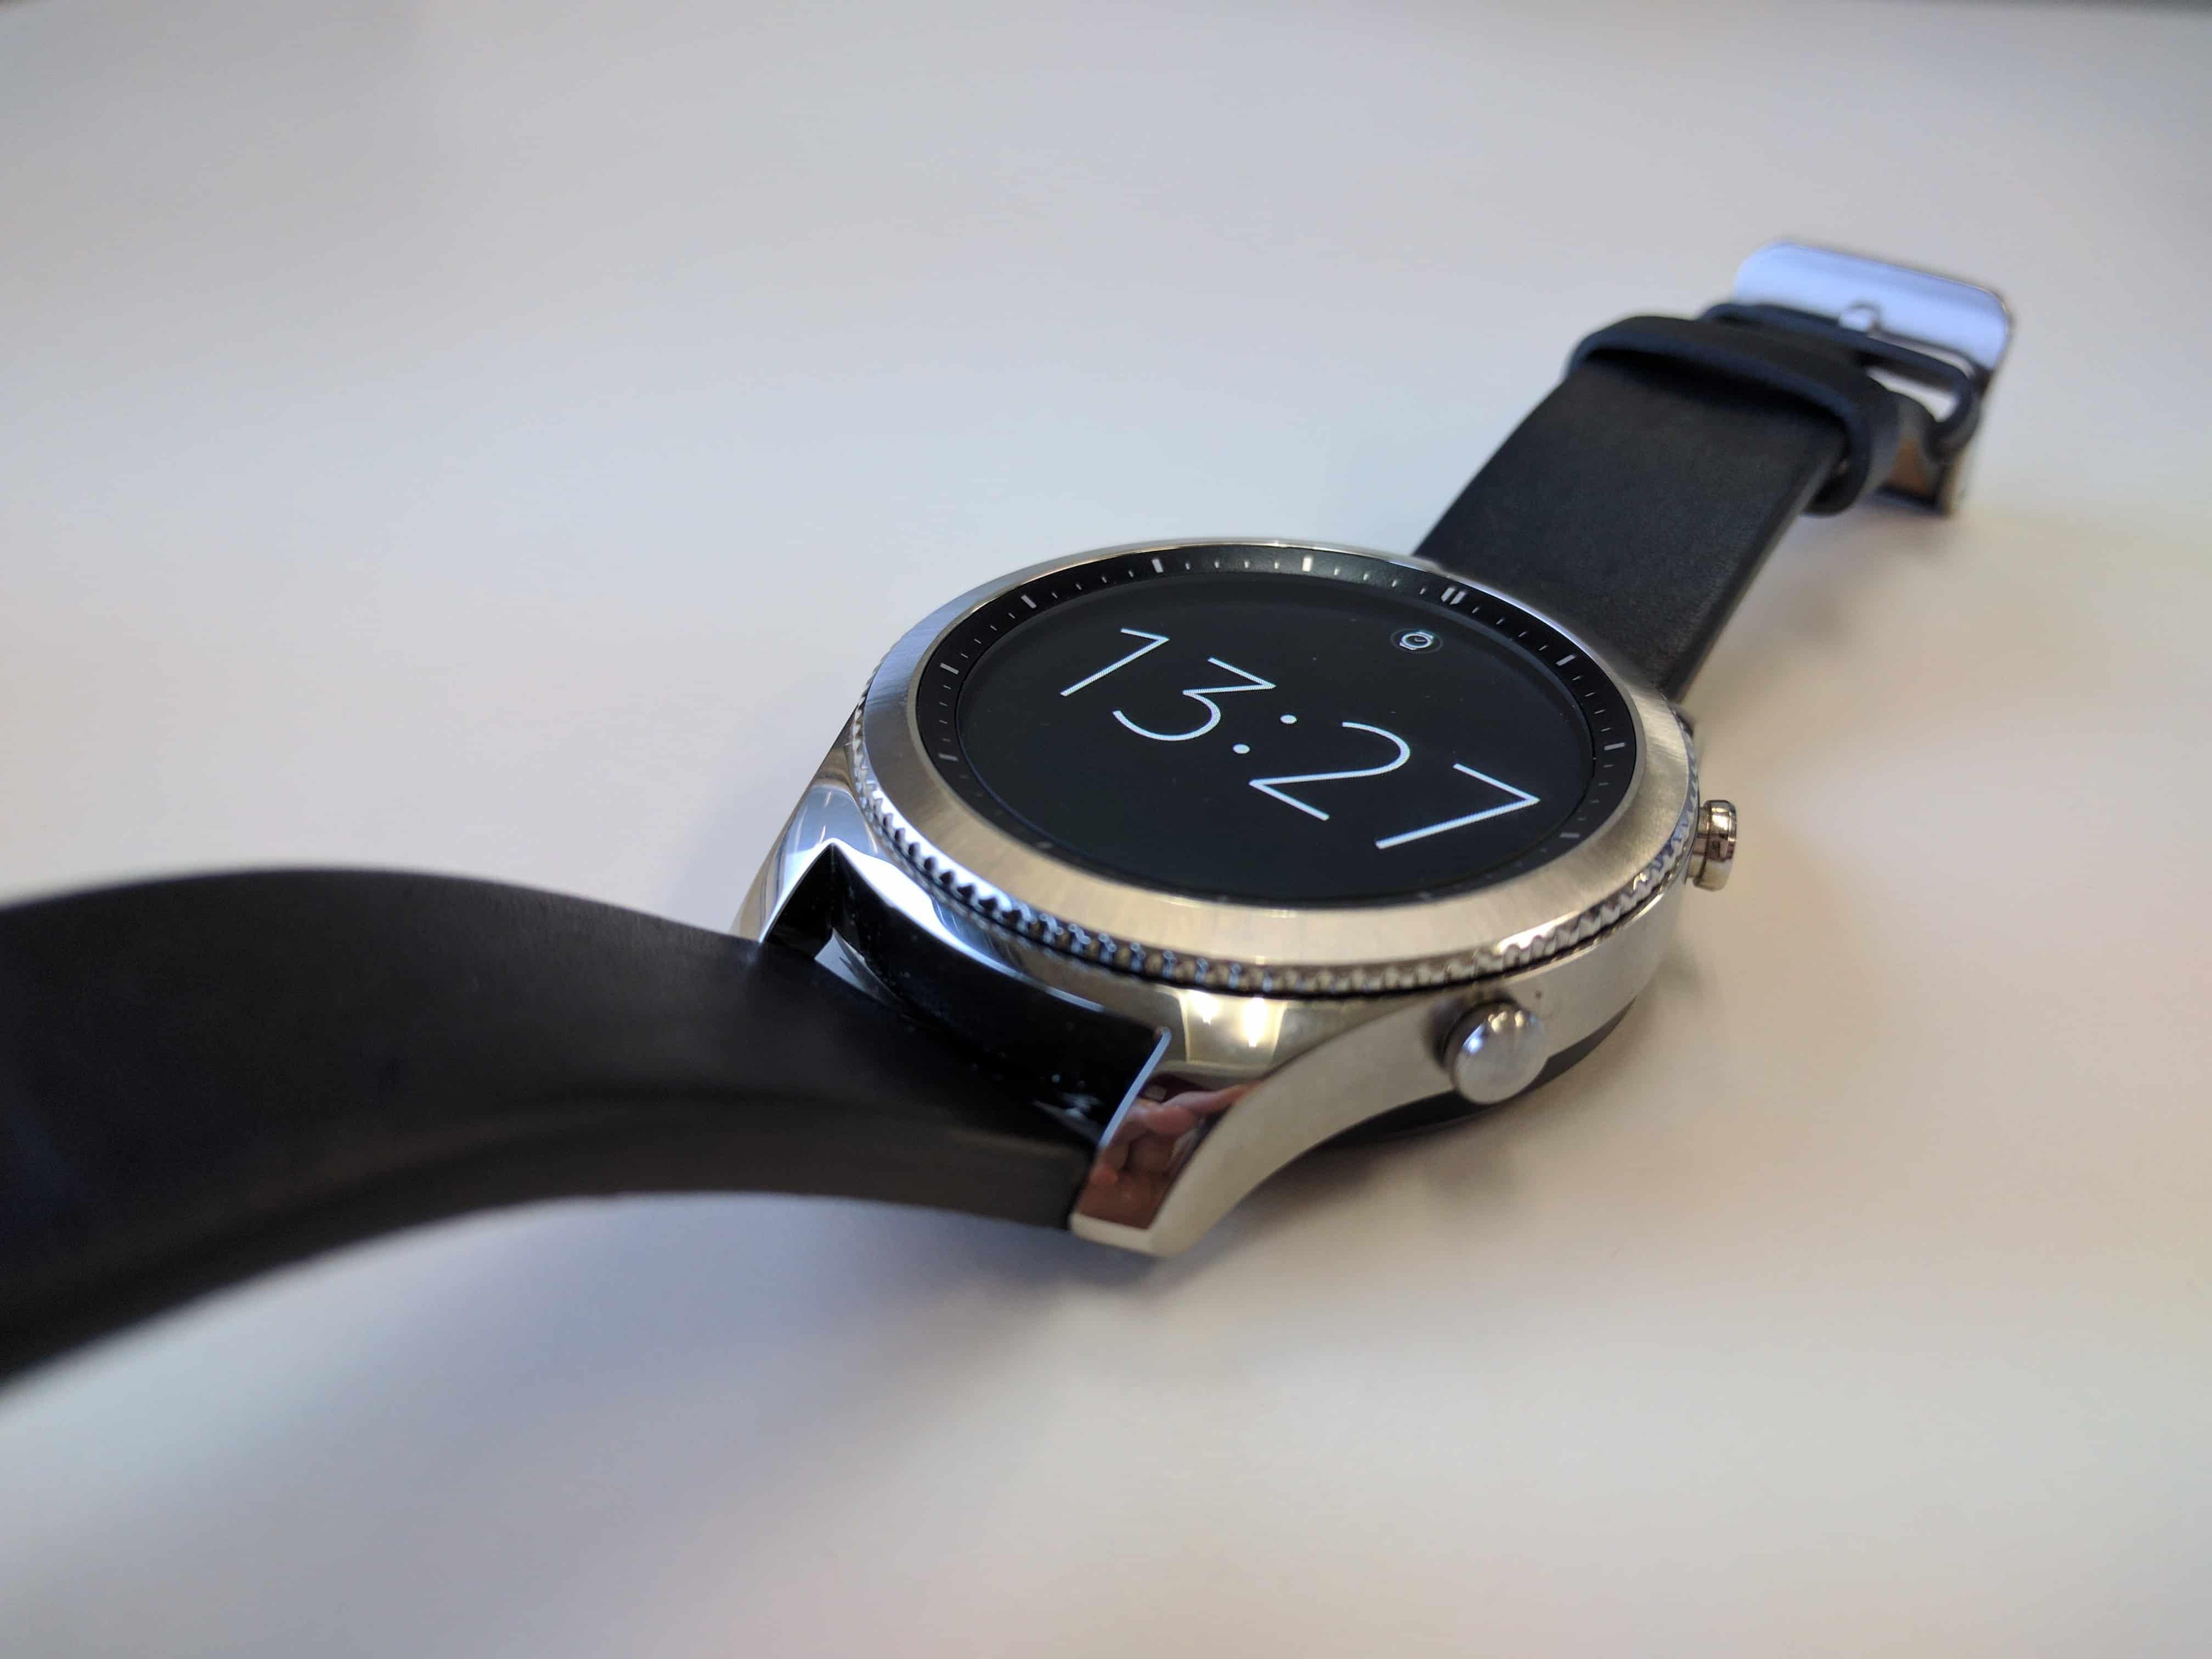 58932bc97dc Não há como ir muito mais a fundo do que isso. O Gear S3 é um relógio  bonito e discreto